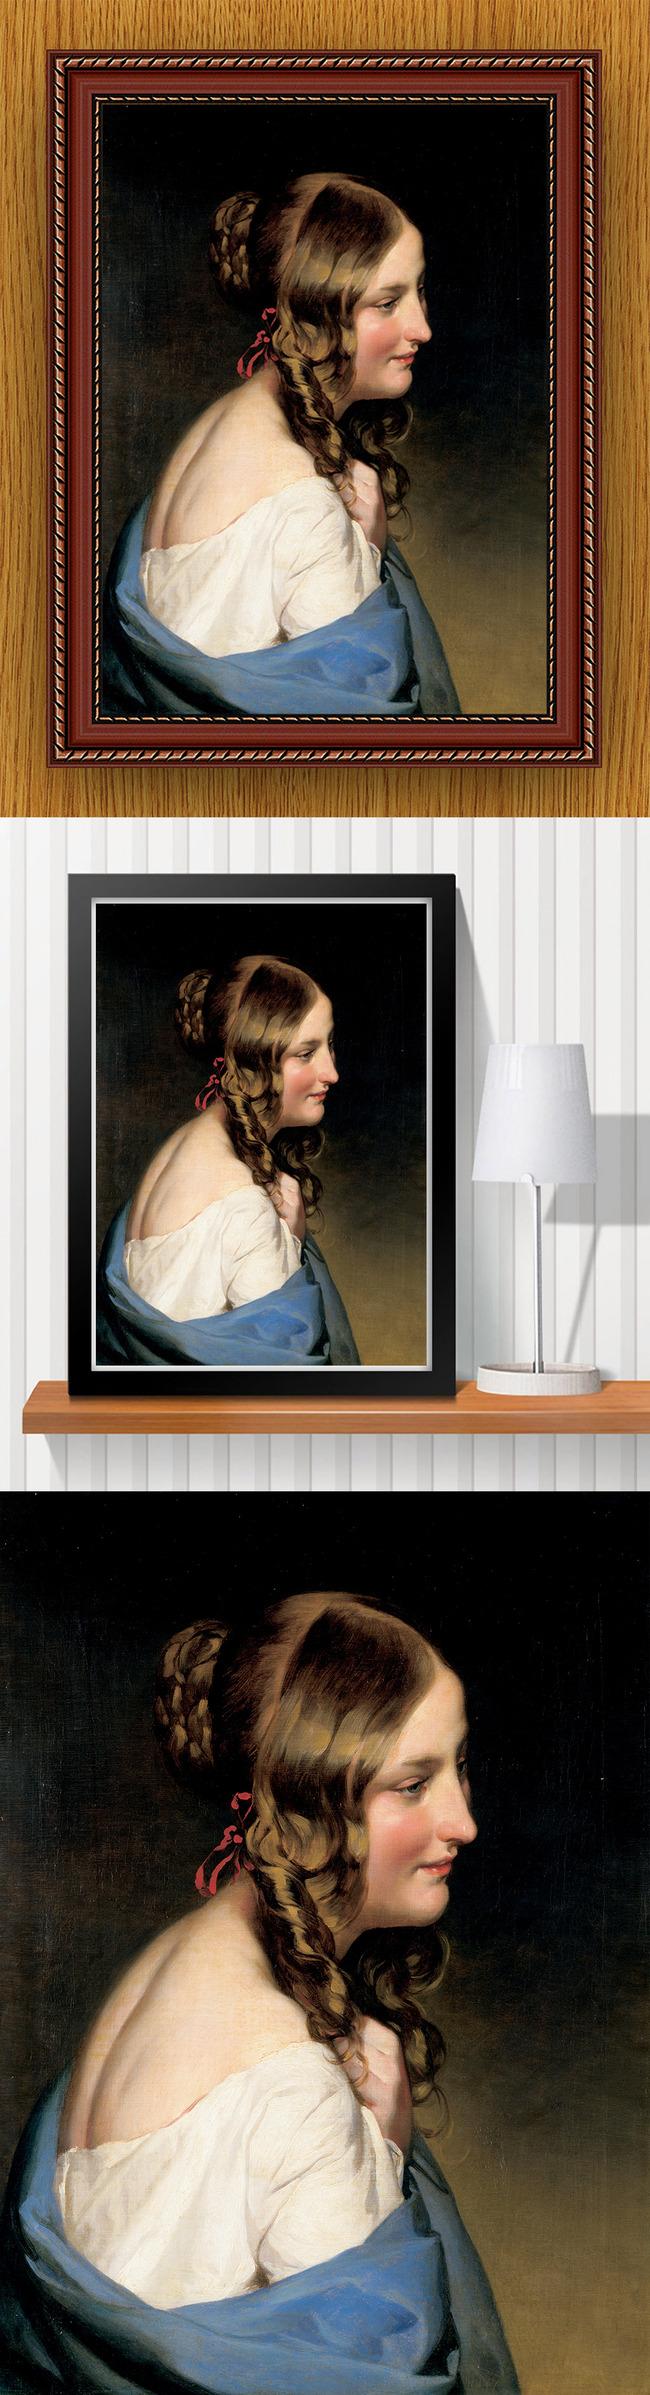 高清手绘欧式古典写实风格优雅少女油画